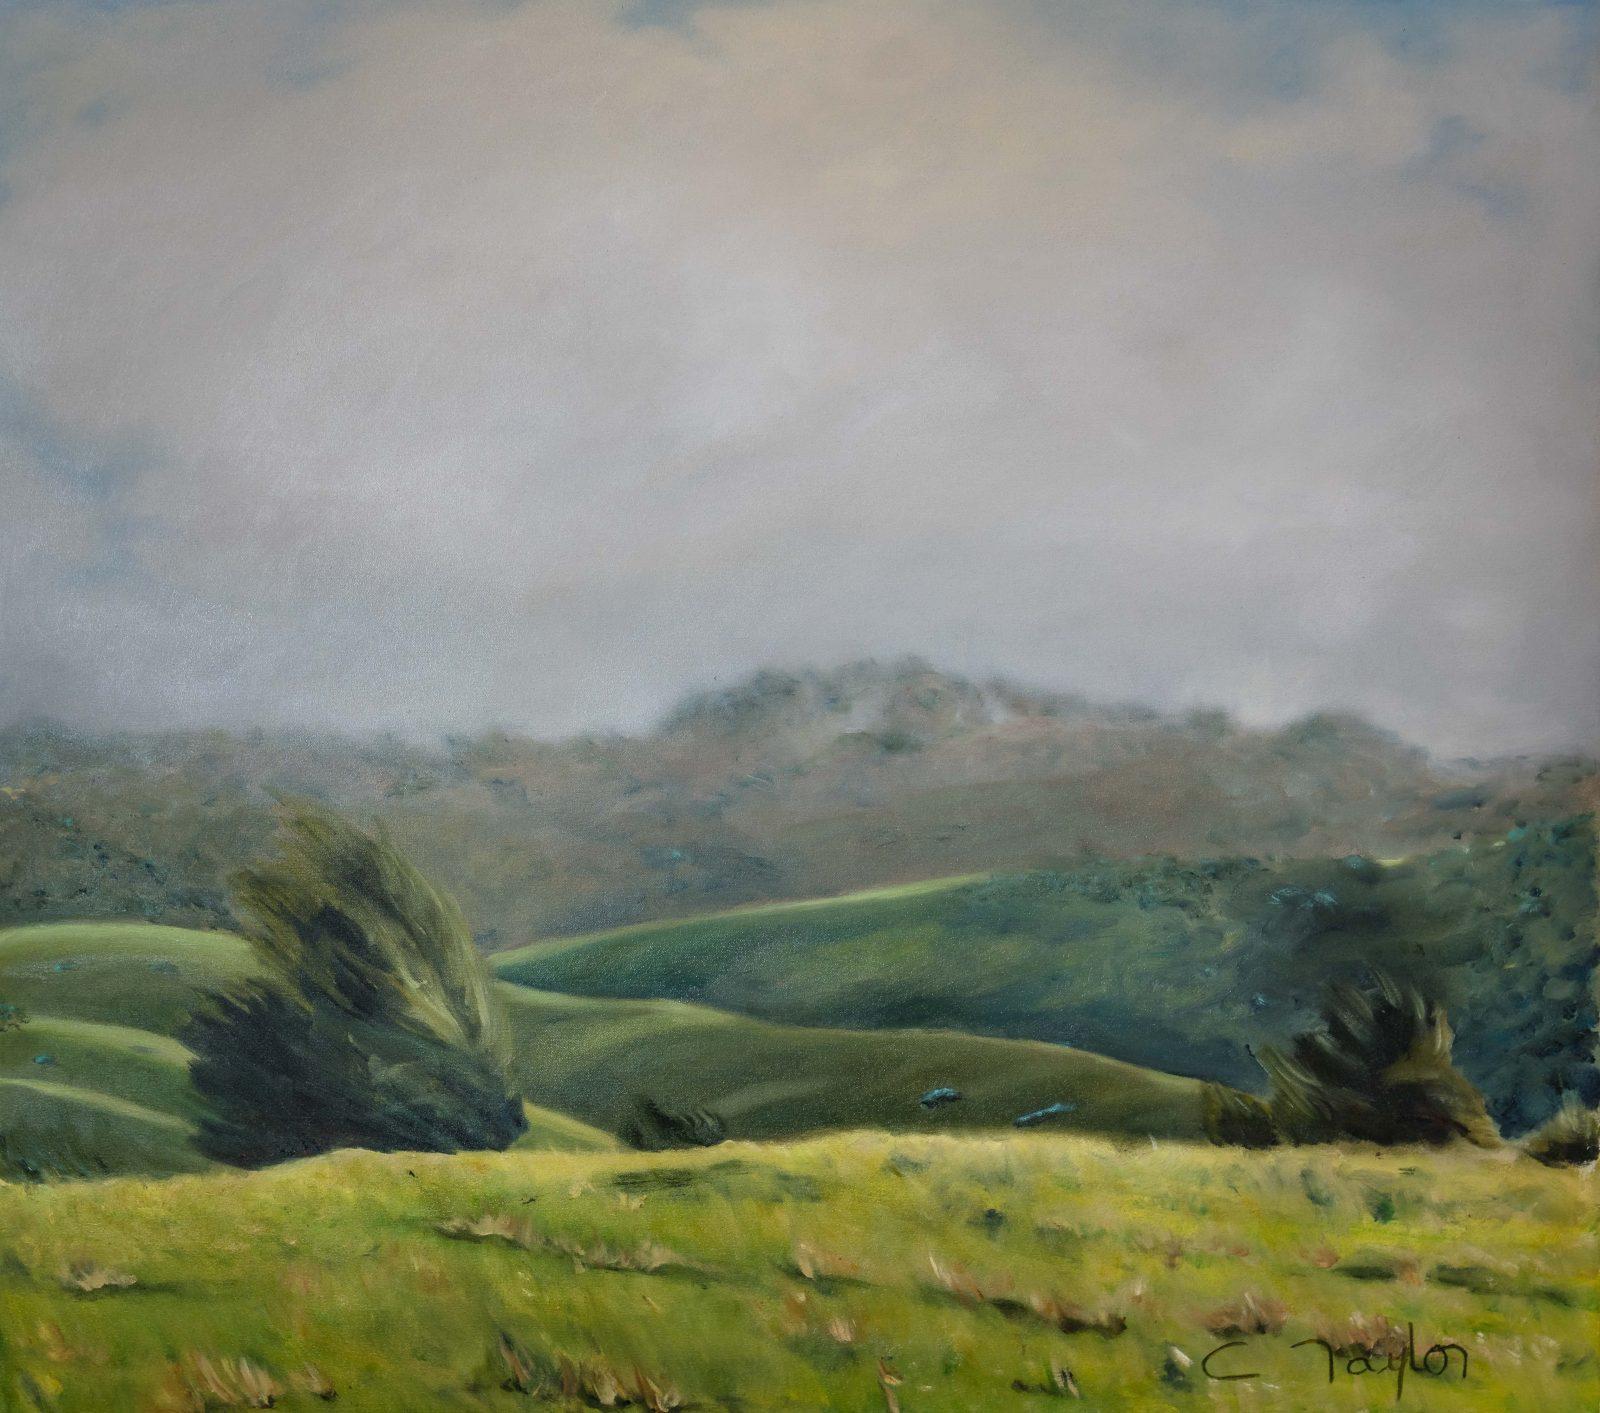 Fine Art Kangaroo Island artist Caroline Taylor, moody, oil on linen, 2018